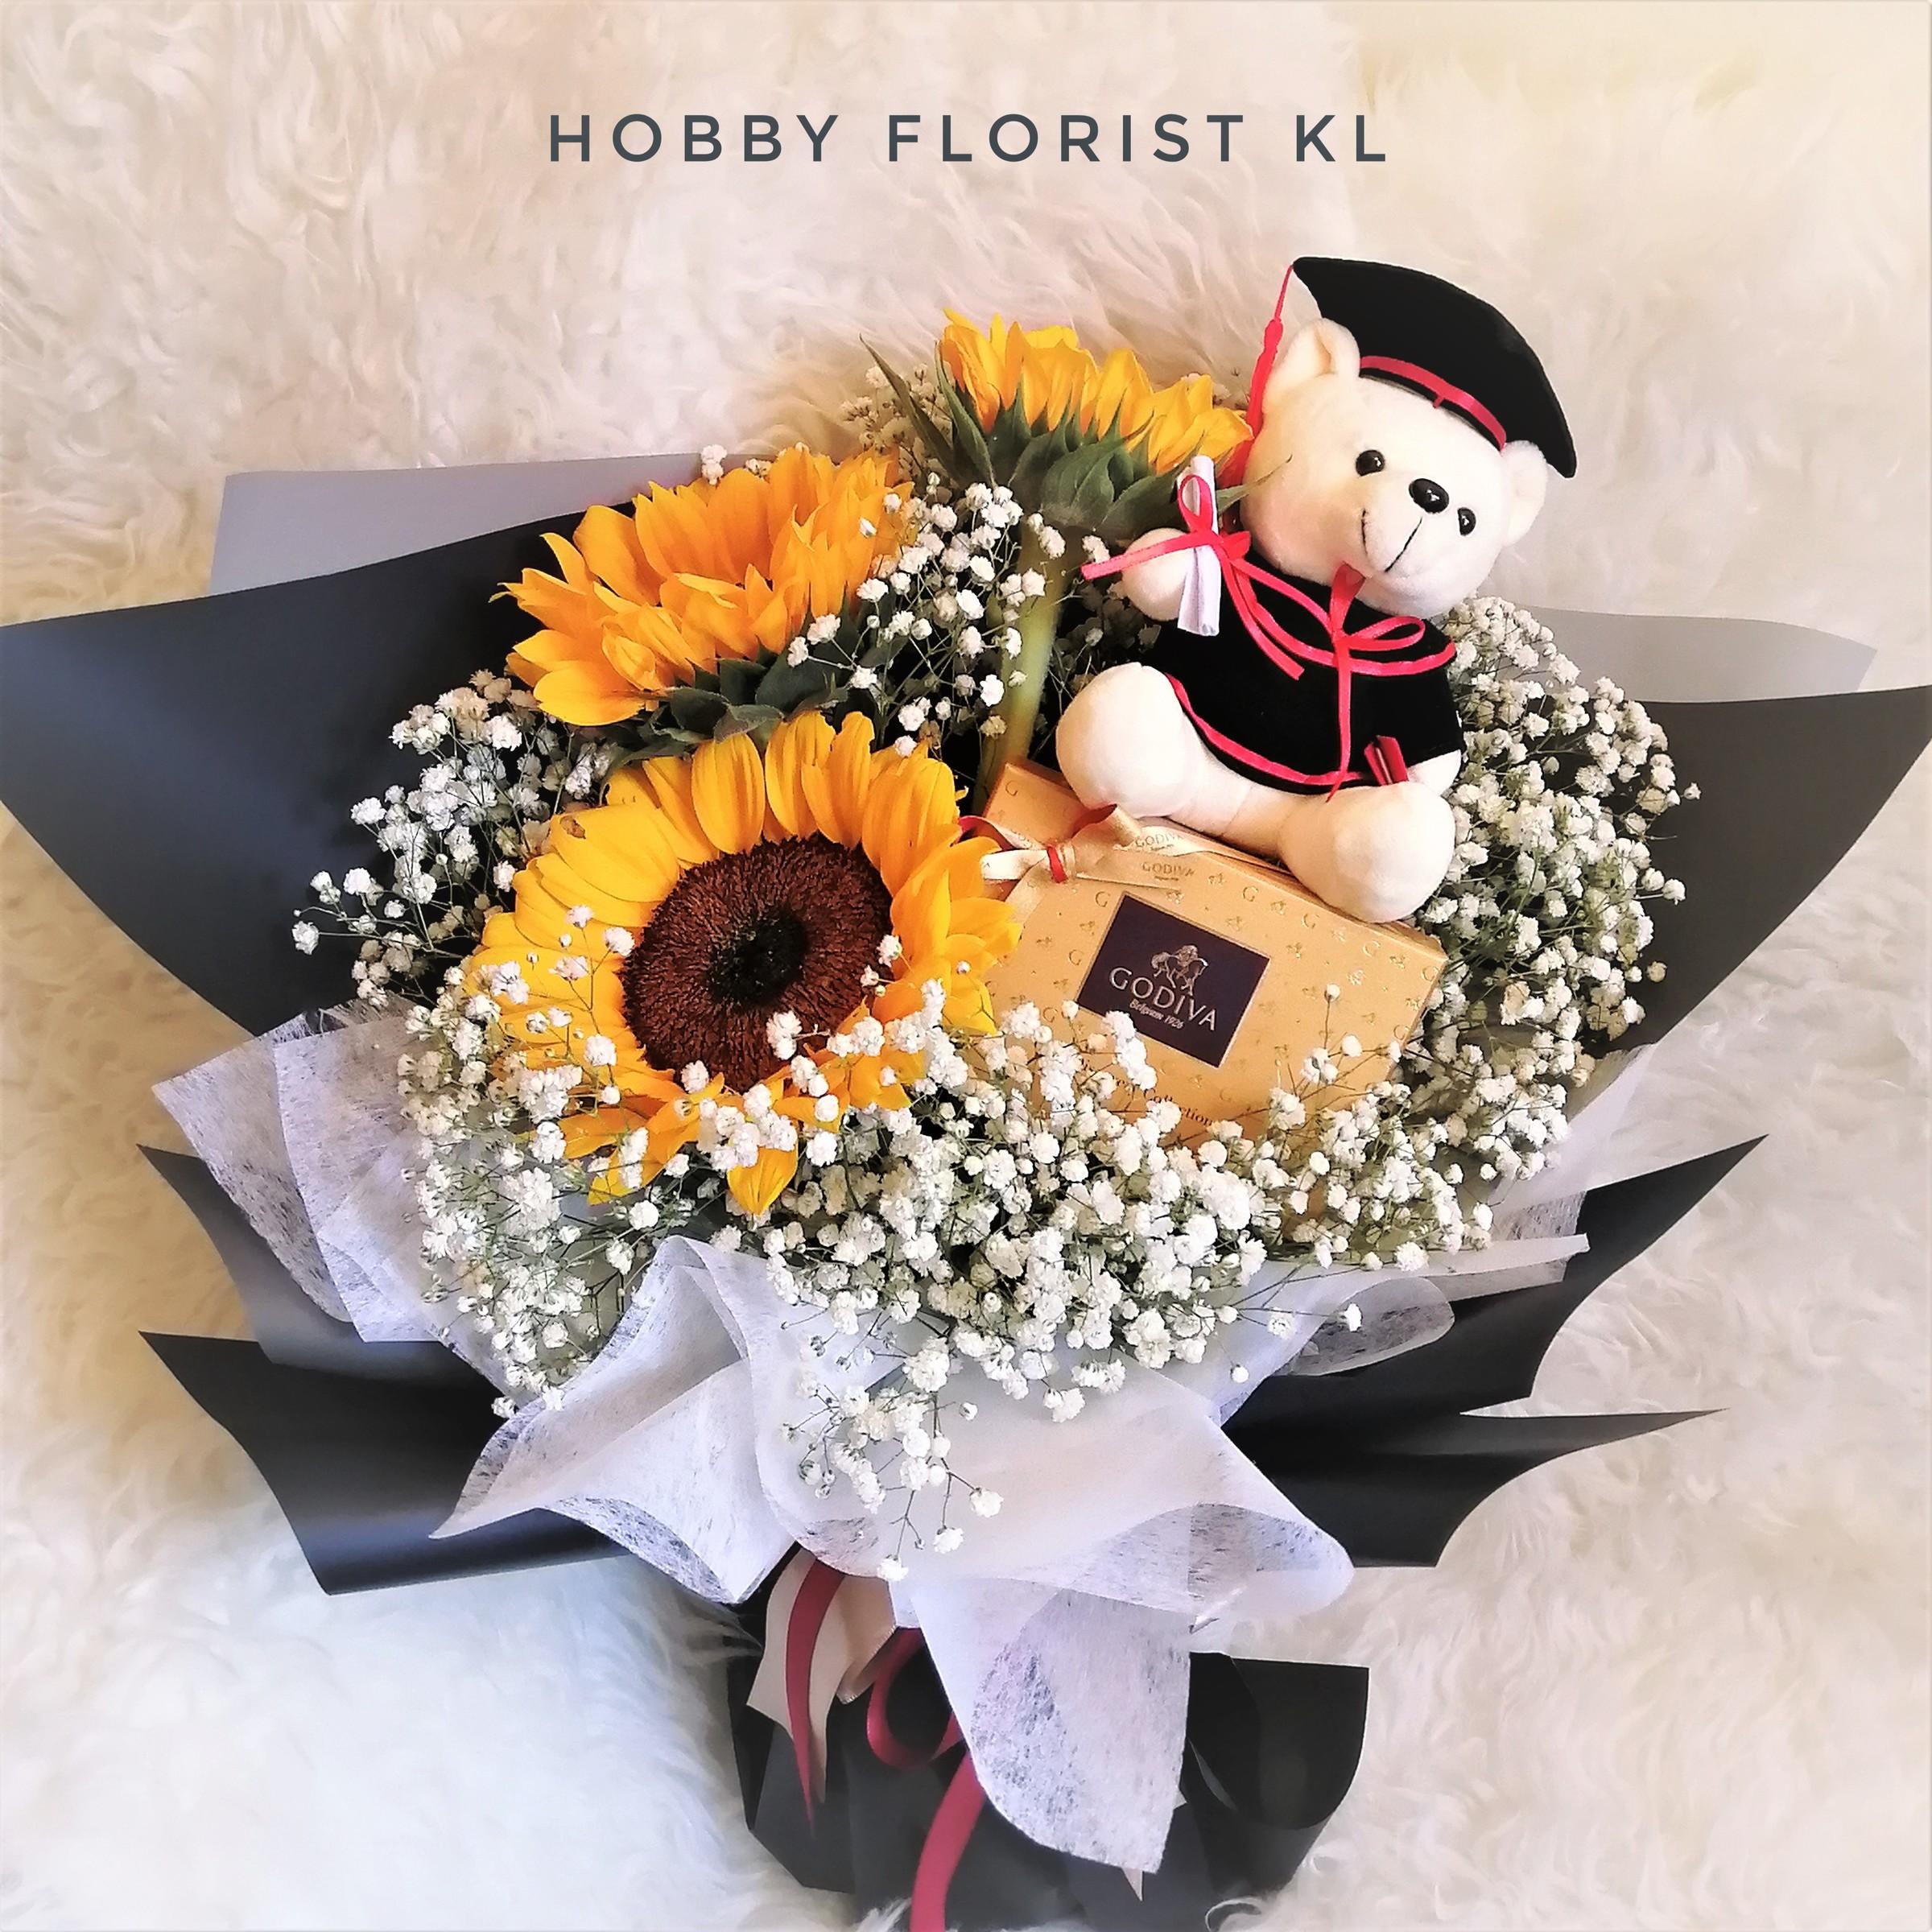 flower delivery kl 14.jpeg